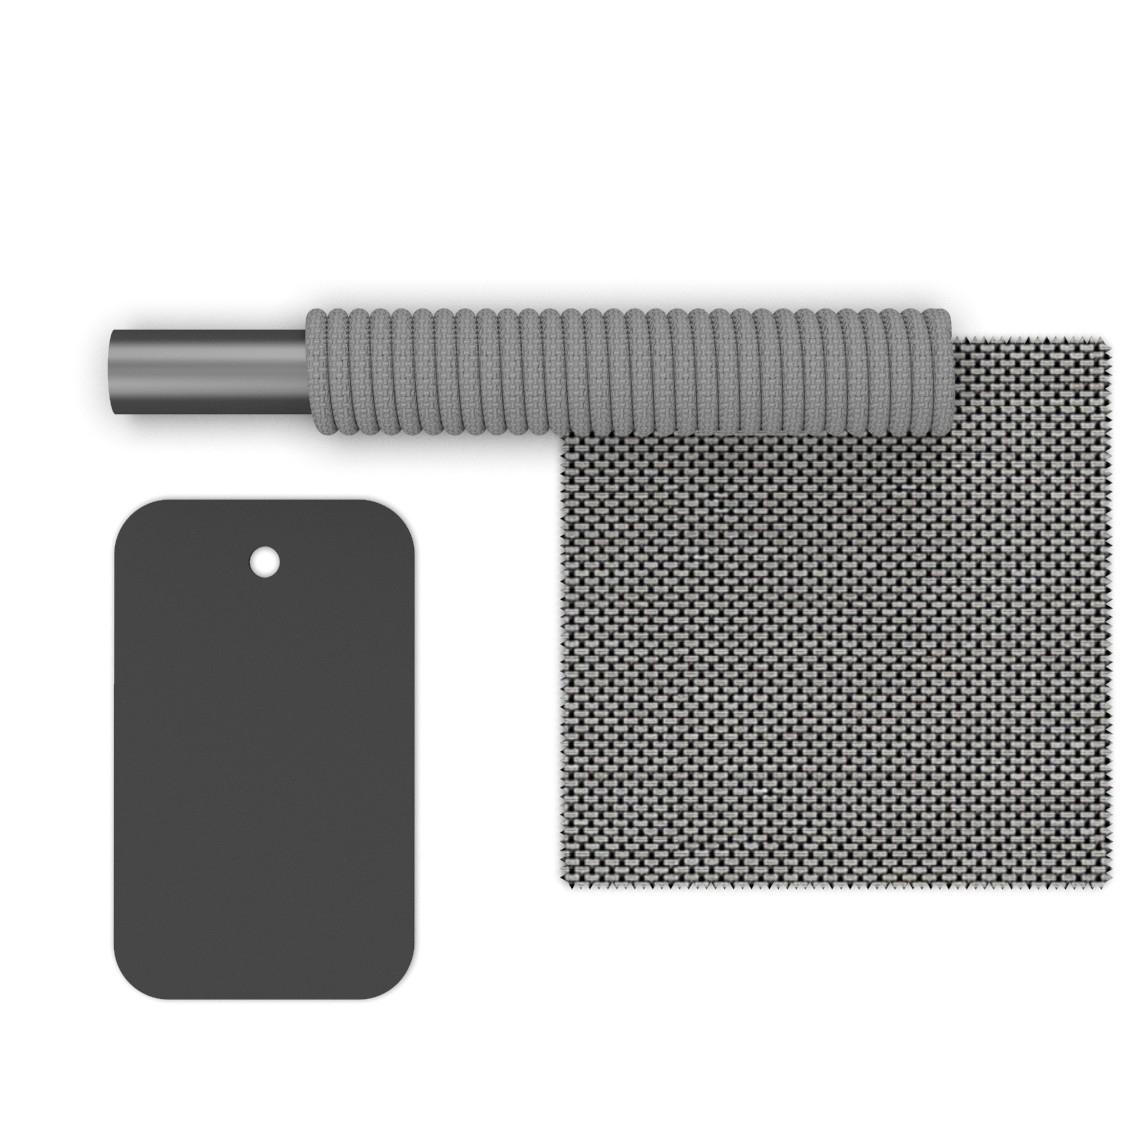 Key_Charcoal-silver black